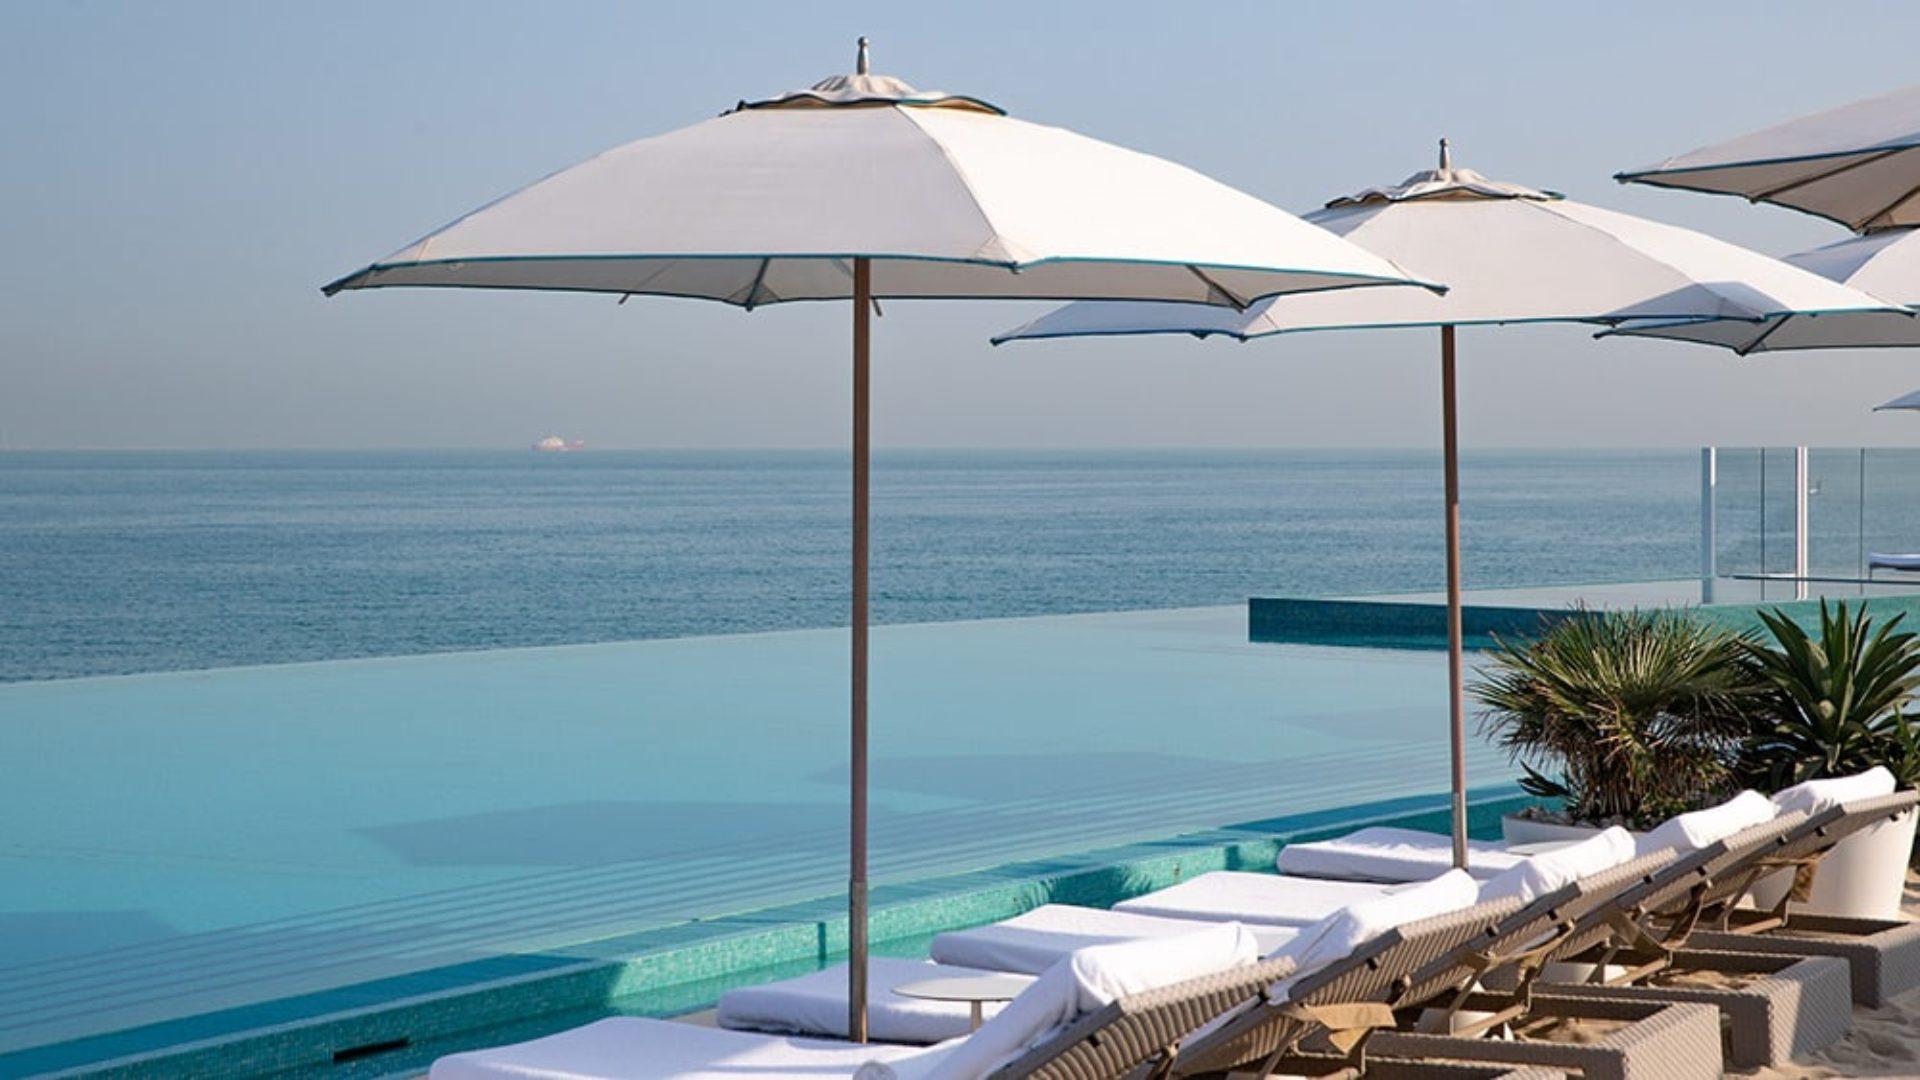 Infinity pool at the Burj Al Arab